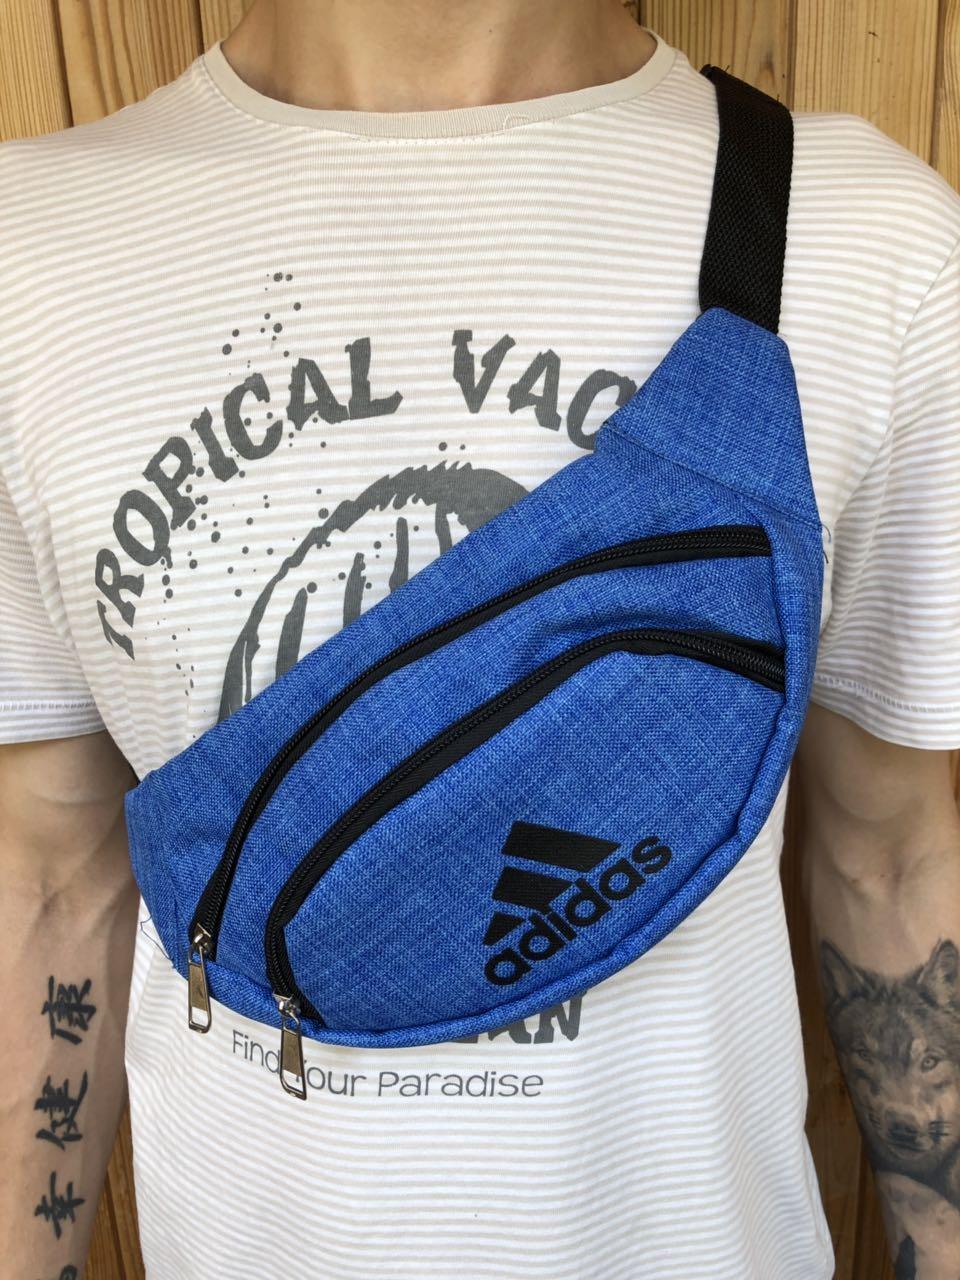 Поясная сумка синяя в стиле Adidas 2 отделения (Бананка), из мессенджер pvc, банан, трендовая сумка